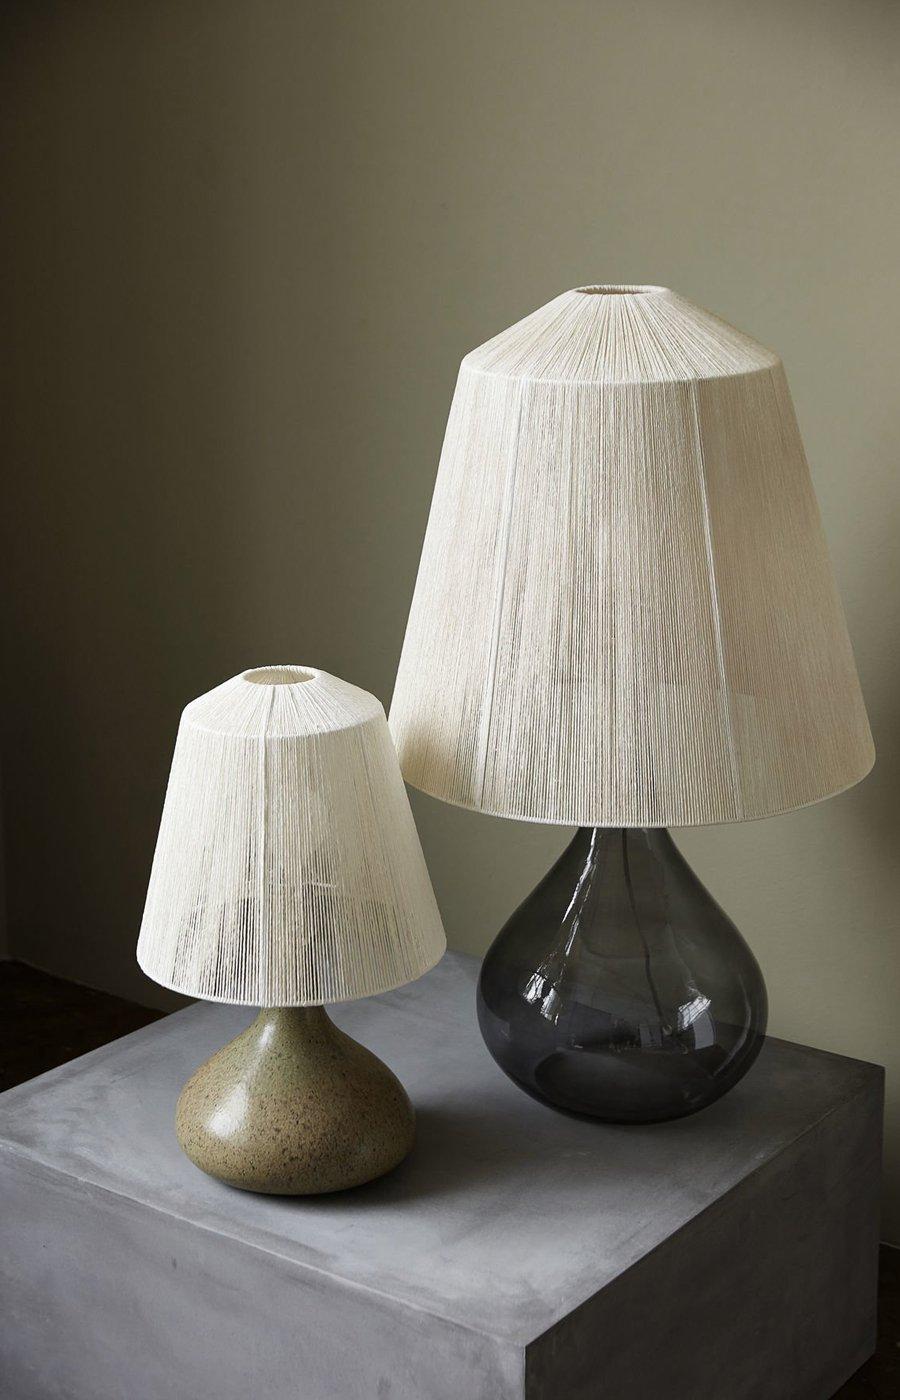 Lampenschirme & Lampenfüße, Bild 1